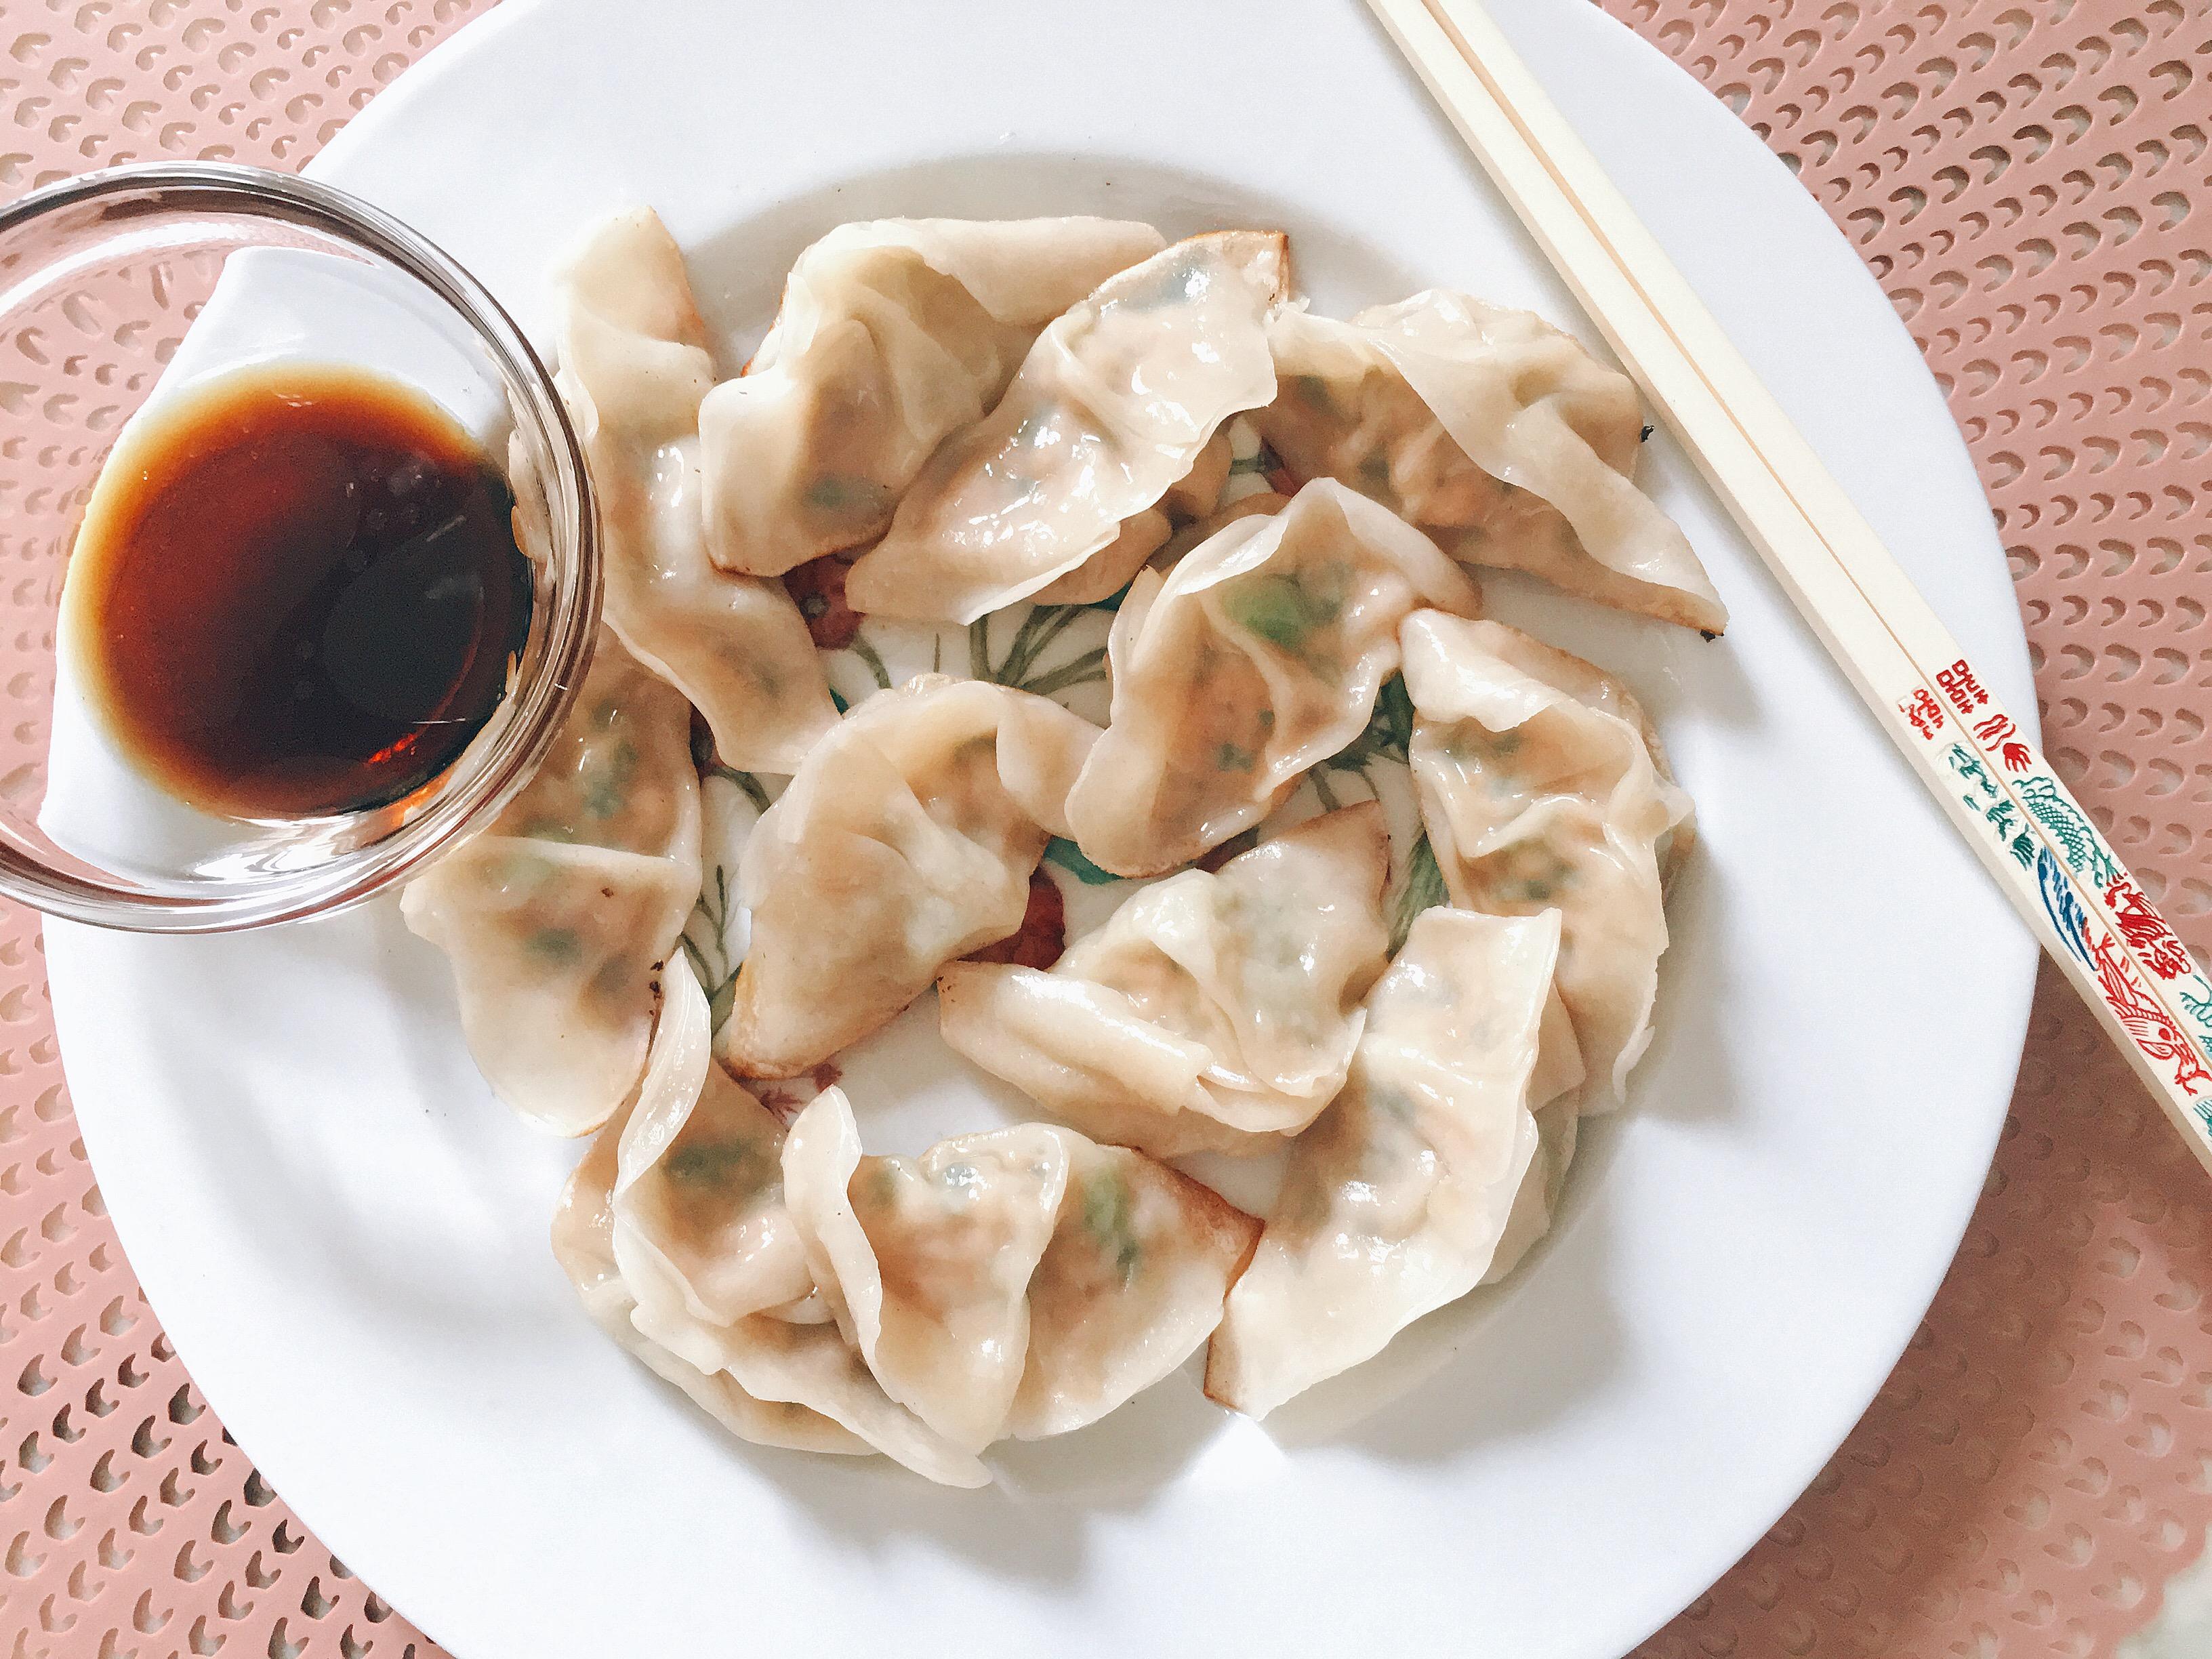 Jiaozi